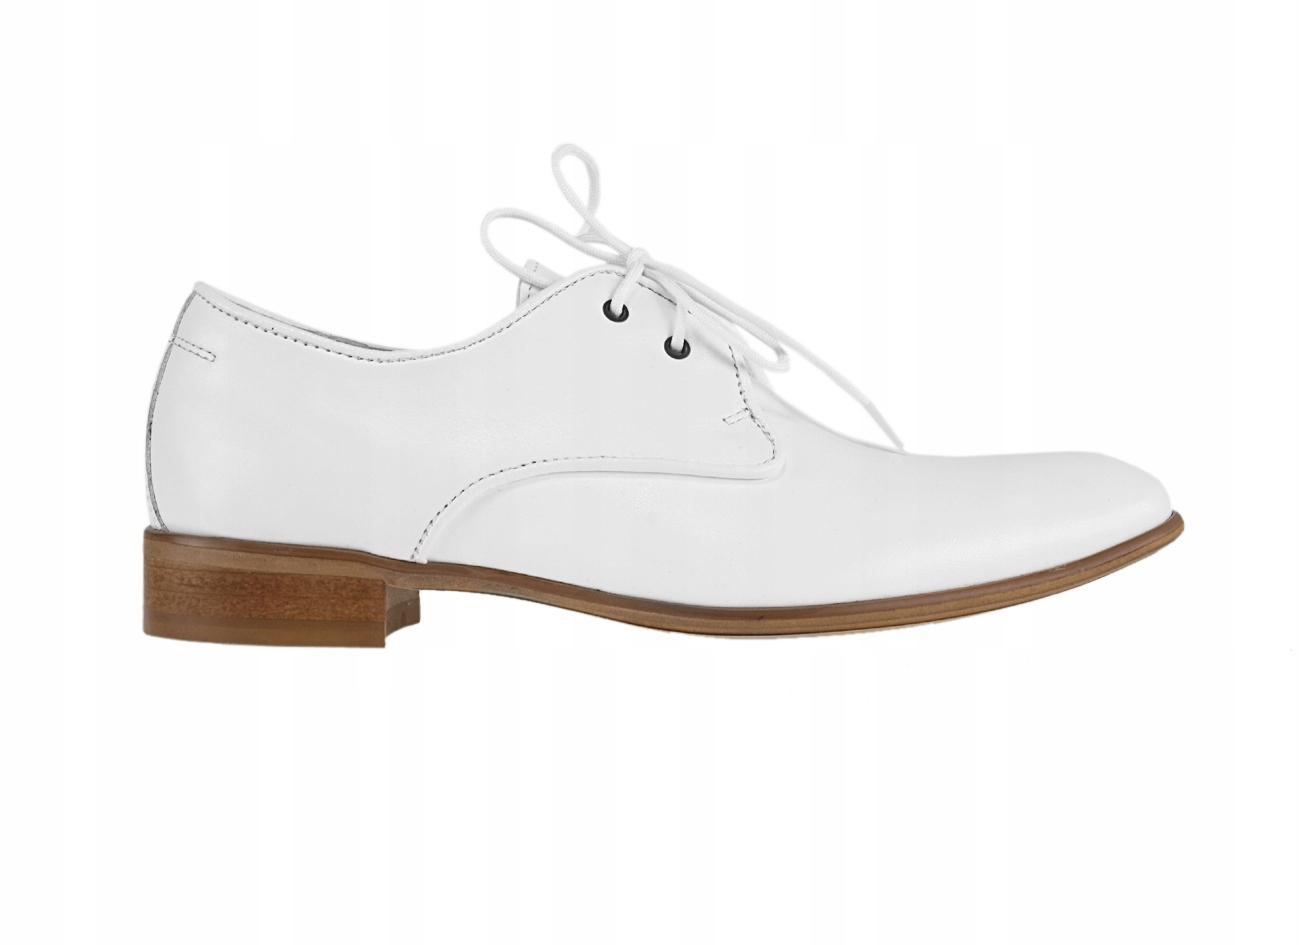 35Scarpe-esclusive wizytowe półbuty białe skórzane